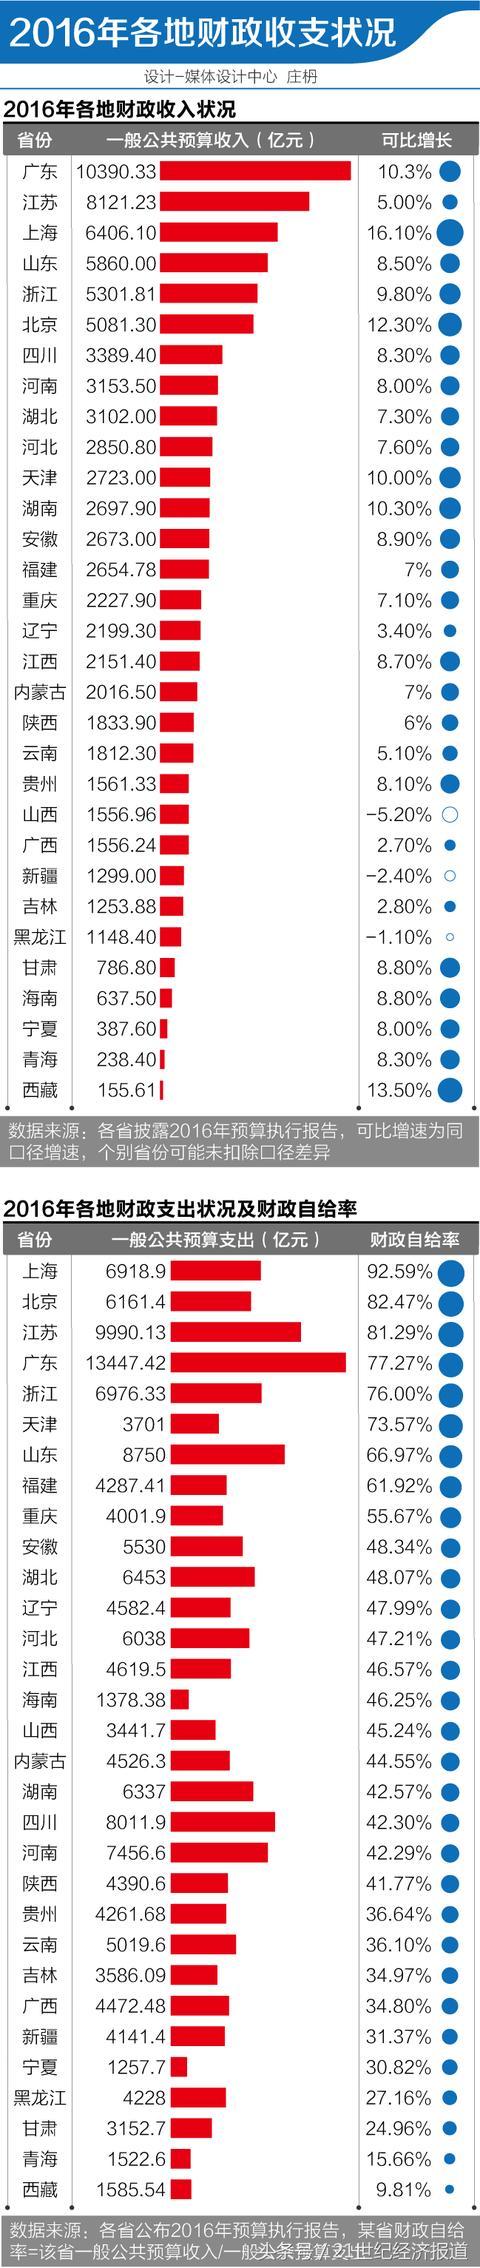 去年各地方财政总汇:广东破万亿占据第一